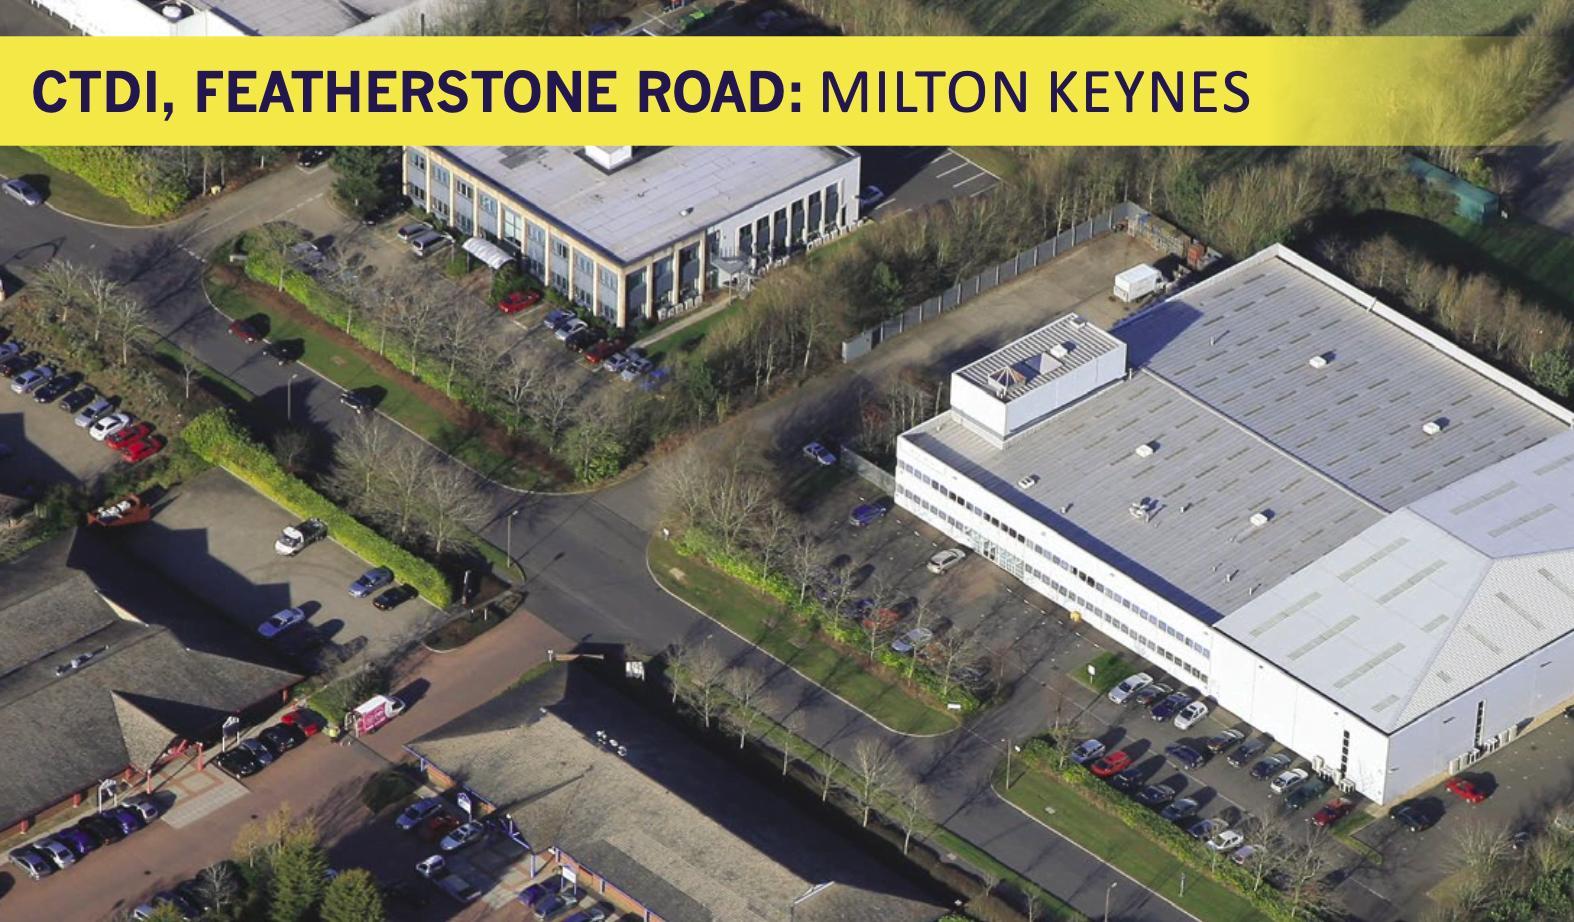 CTDI, Featherstone Road